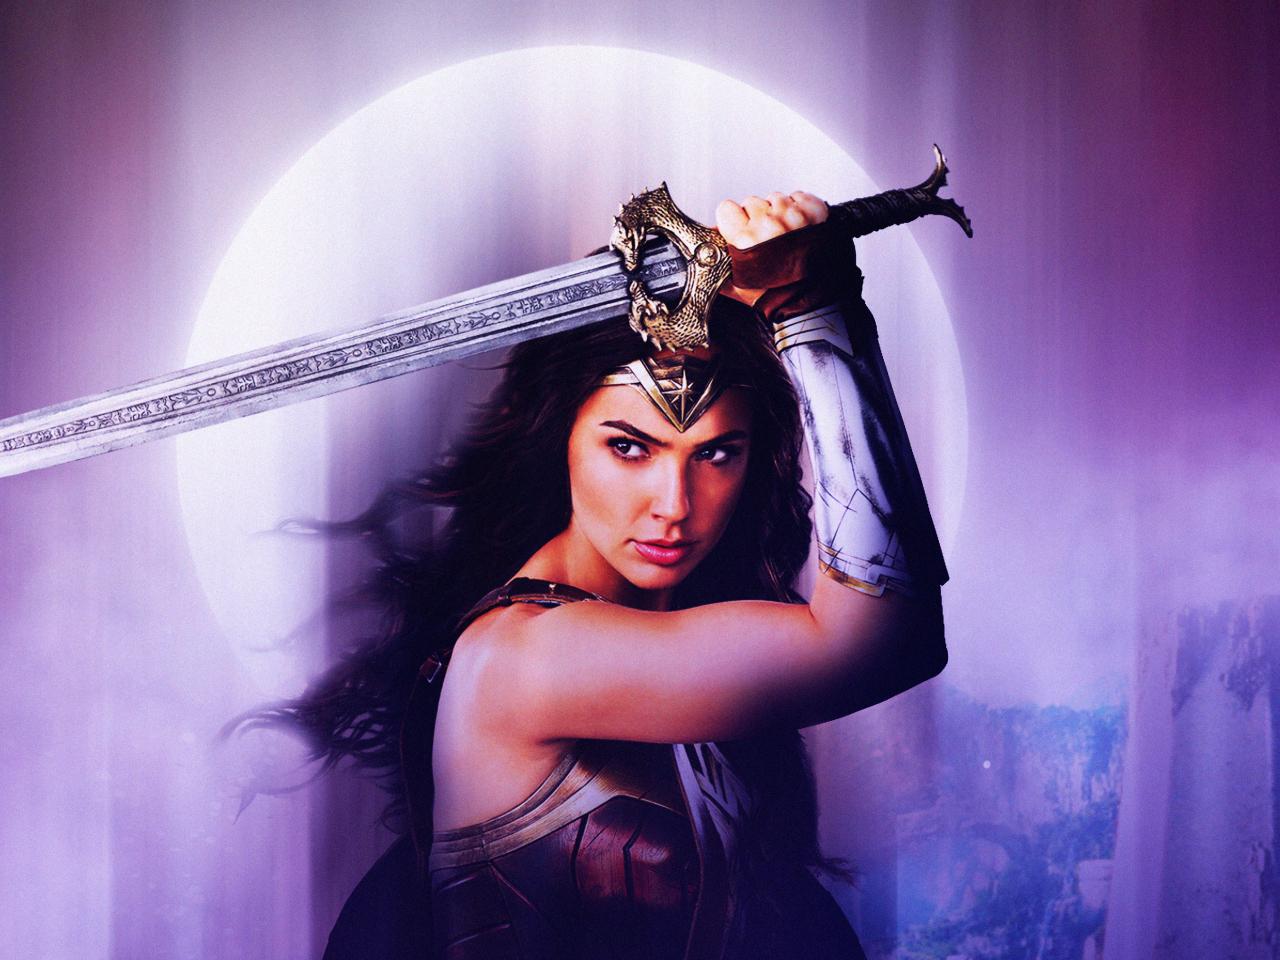 Wonder Woman Justice League 4k Fan Art Hd Movies 4k: Wonder Woman Justice League Fan Art, HD 4K Wallpaper